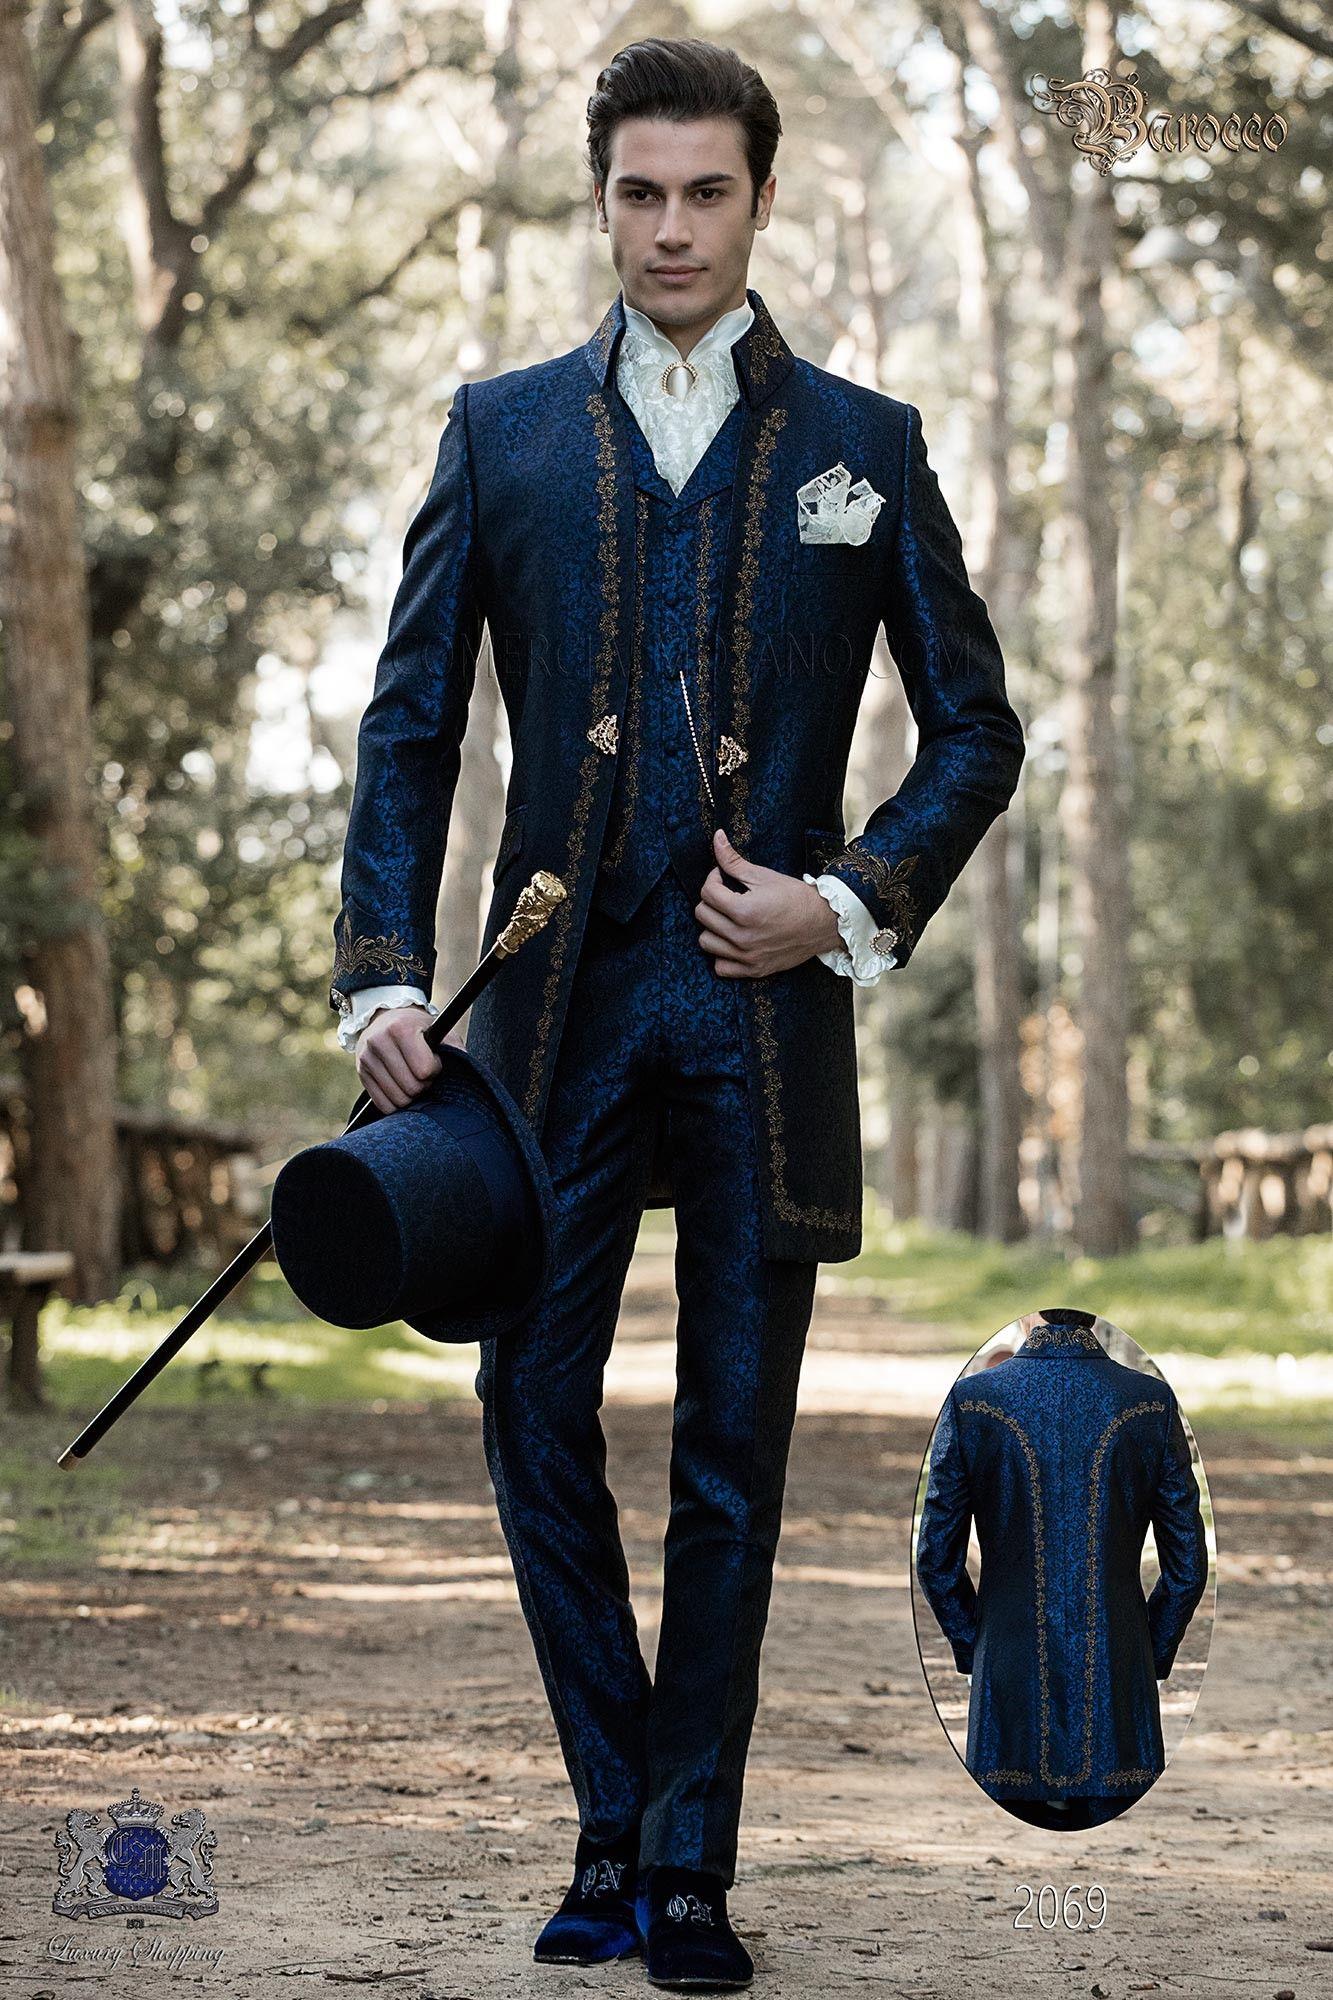 Barocker Brautigam Anzug Vintage Napoleon Kragen Gehrock In Blauem